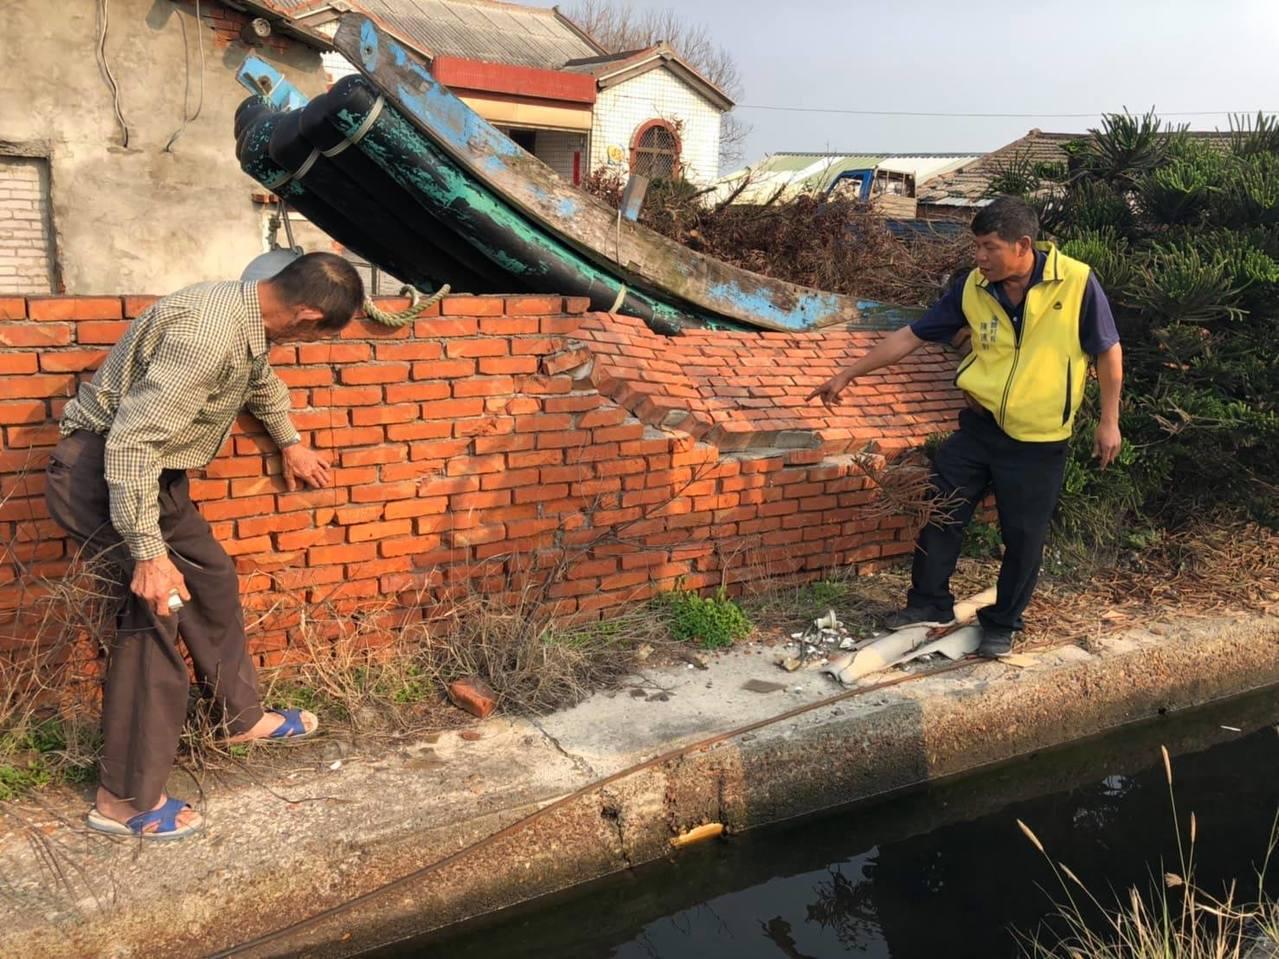 雲林麥寮鄉海豐村因氣爆導致社區矮牆位移、破裂。記者李京昇/攝影